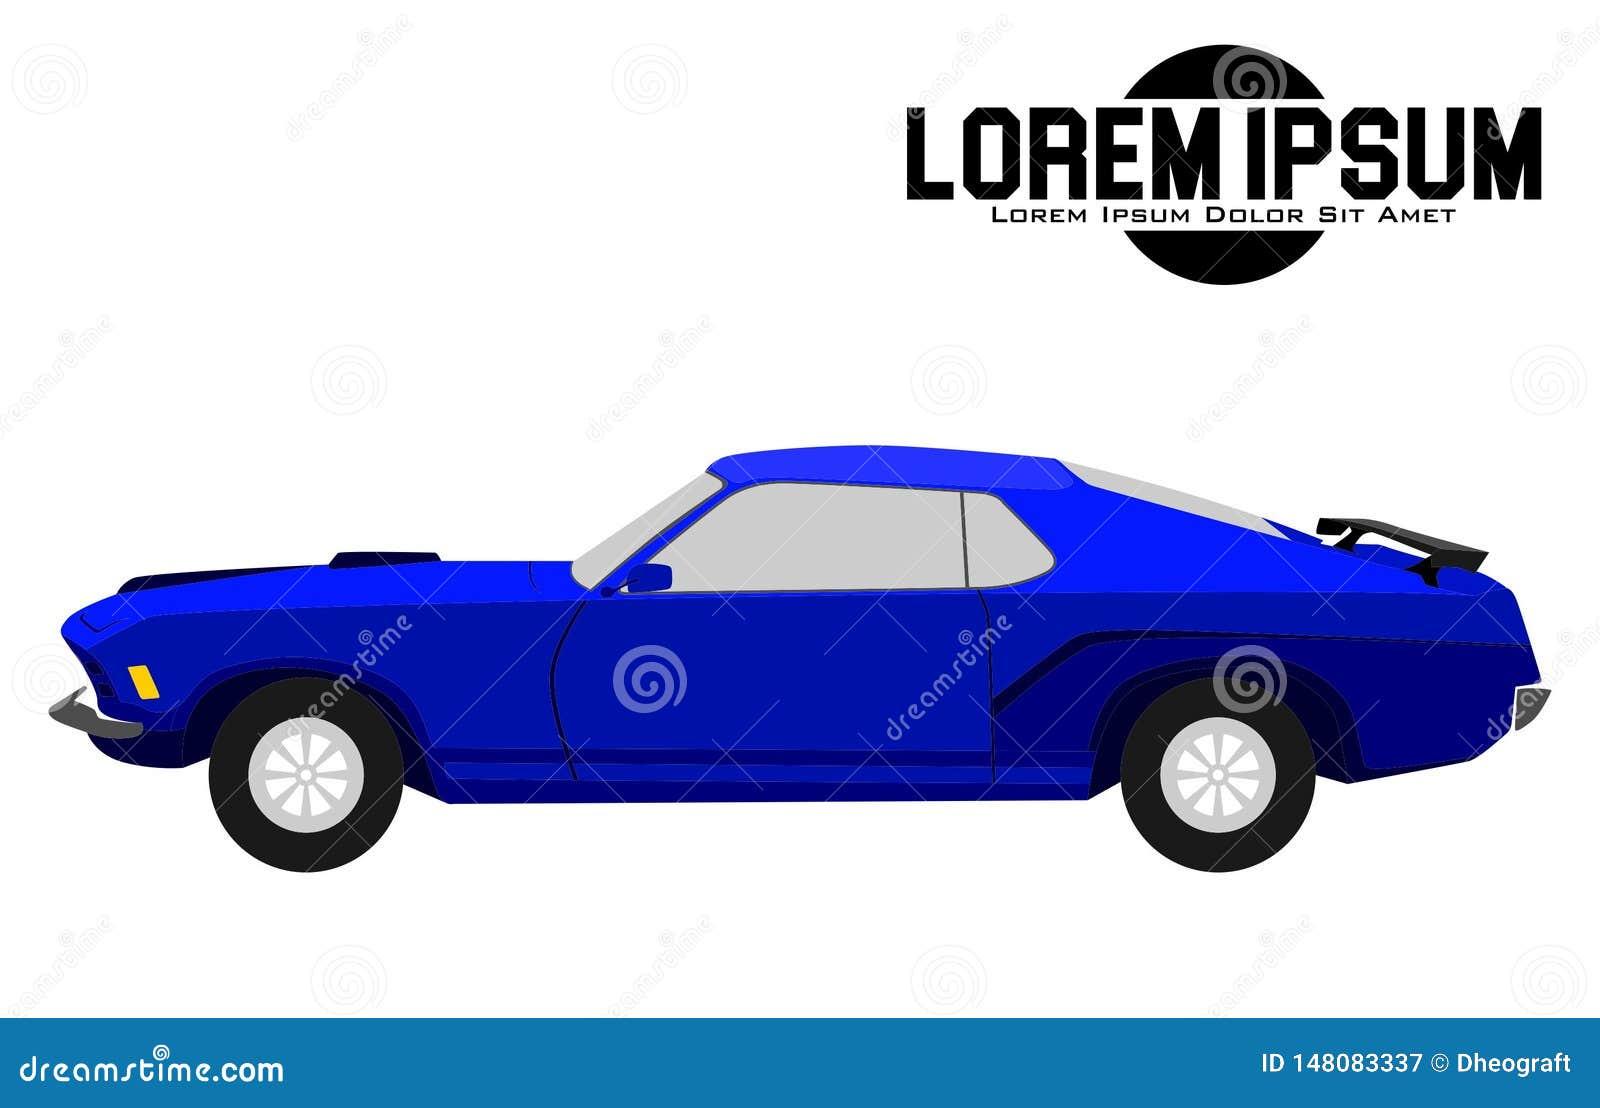 Illustratie van Amerikaanse Blauwe Spierauto